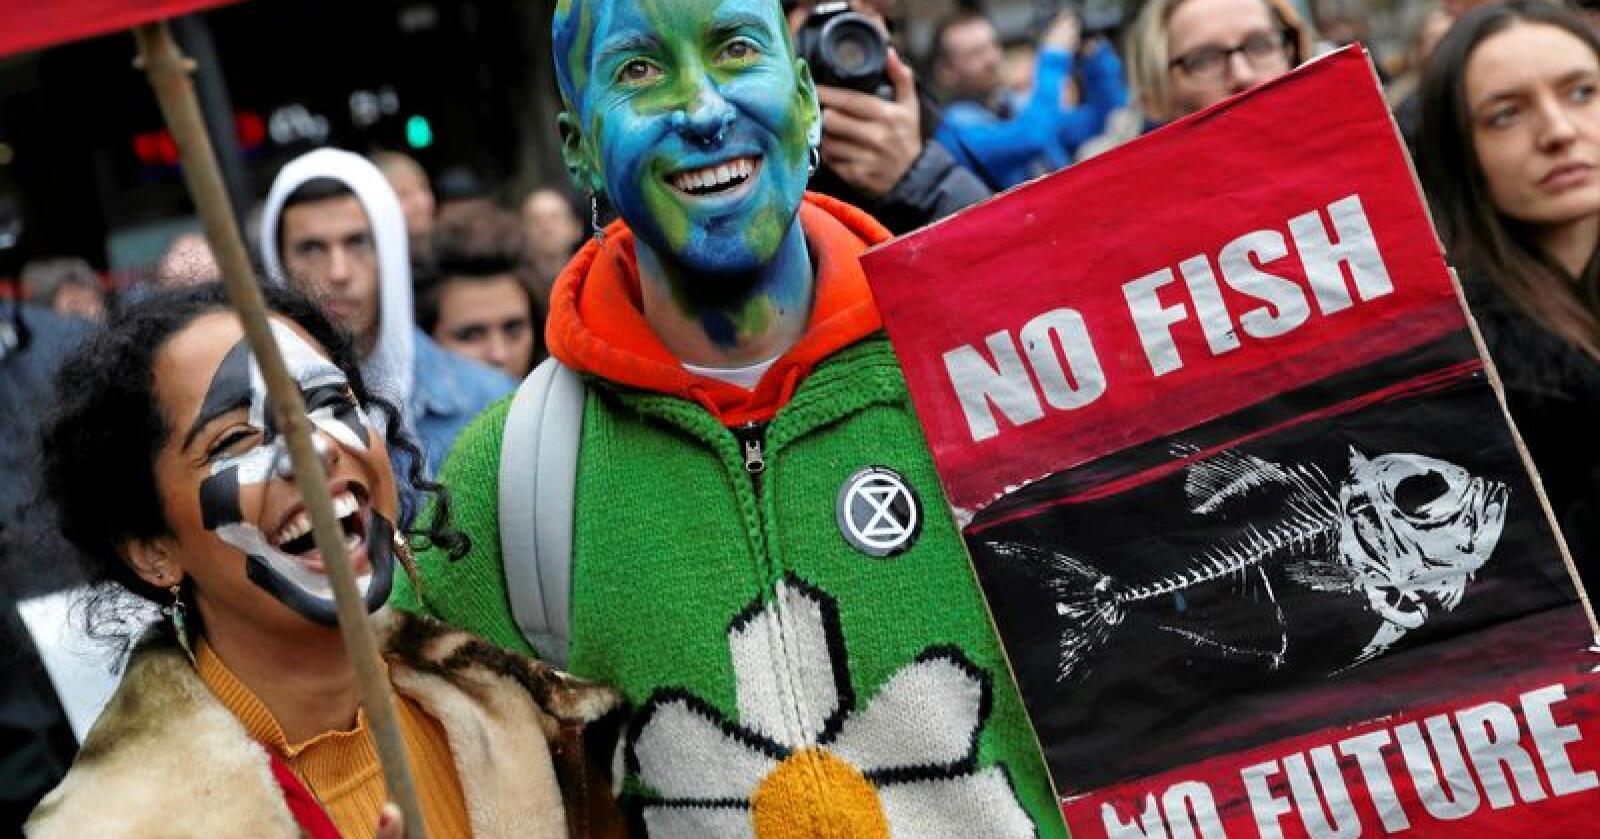 """""""Ingen fisk, ingen fremtid"""" står det på plakatene til disse klimademonstrantene i London på mandag. Nationen har ingen spesiell grunn til å anta at noen av demonstrantene på bildet var blant de arresterte. Foto: Alastair Grant / AP / NTB Scanpix"""